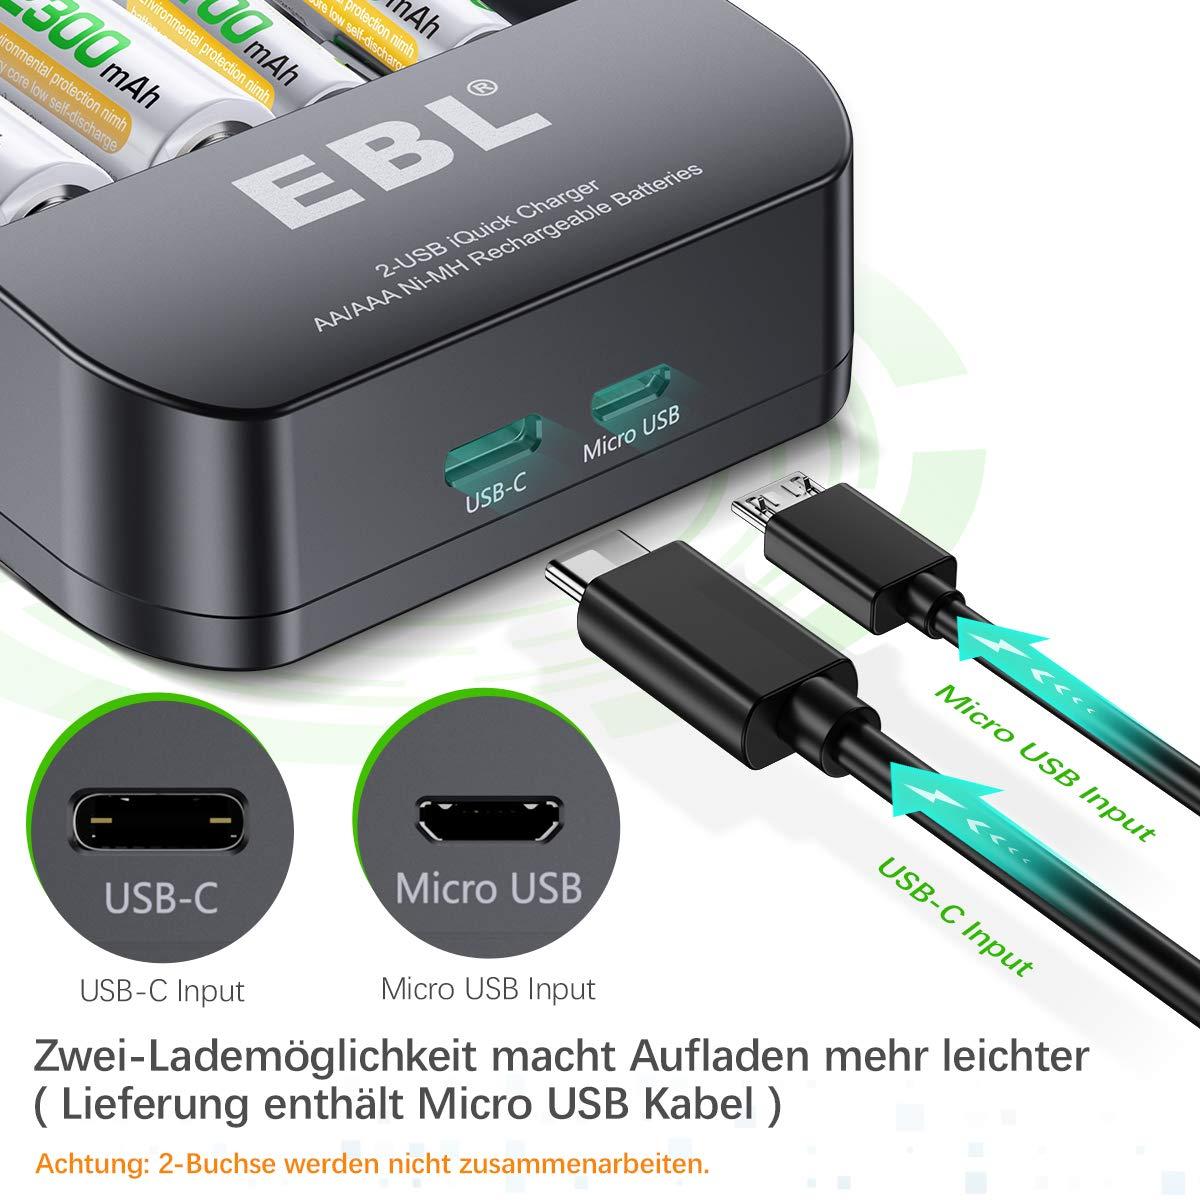 EBL USB Schnell Akku Ladegerät für AA, AAA, NI-MH wierderaufladbare Batterie inkl. 4xMignon AA Akku, 2-USB Port, Schnell Aufladung, tragbar für Unterwegs